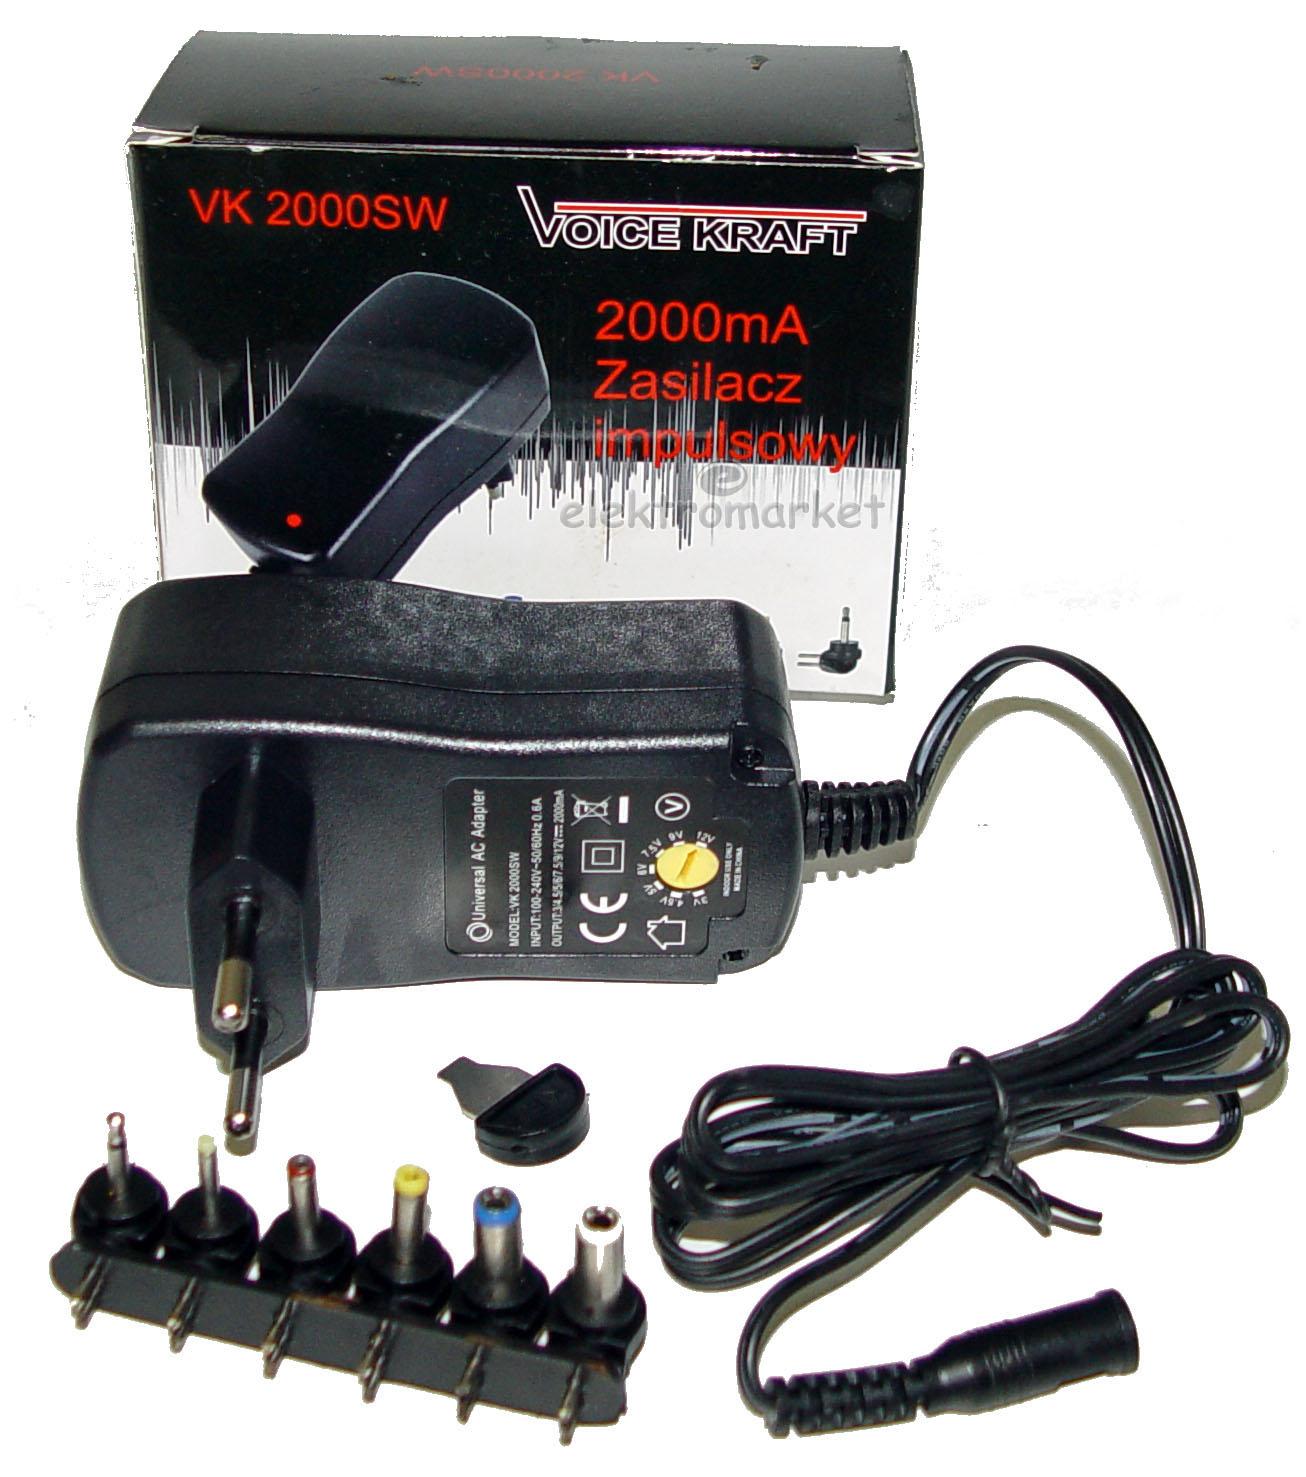 zasilacz impulsowy uniwersalny Voice Kraft VK-2000